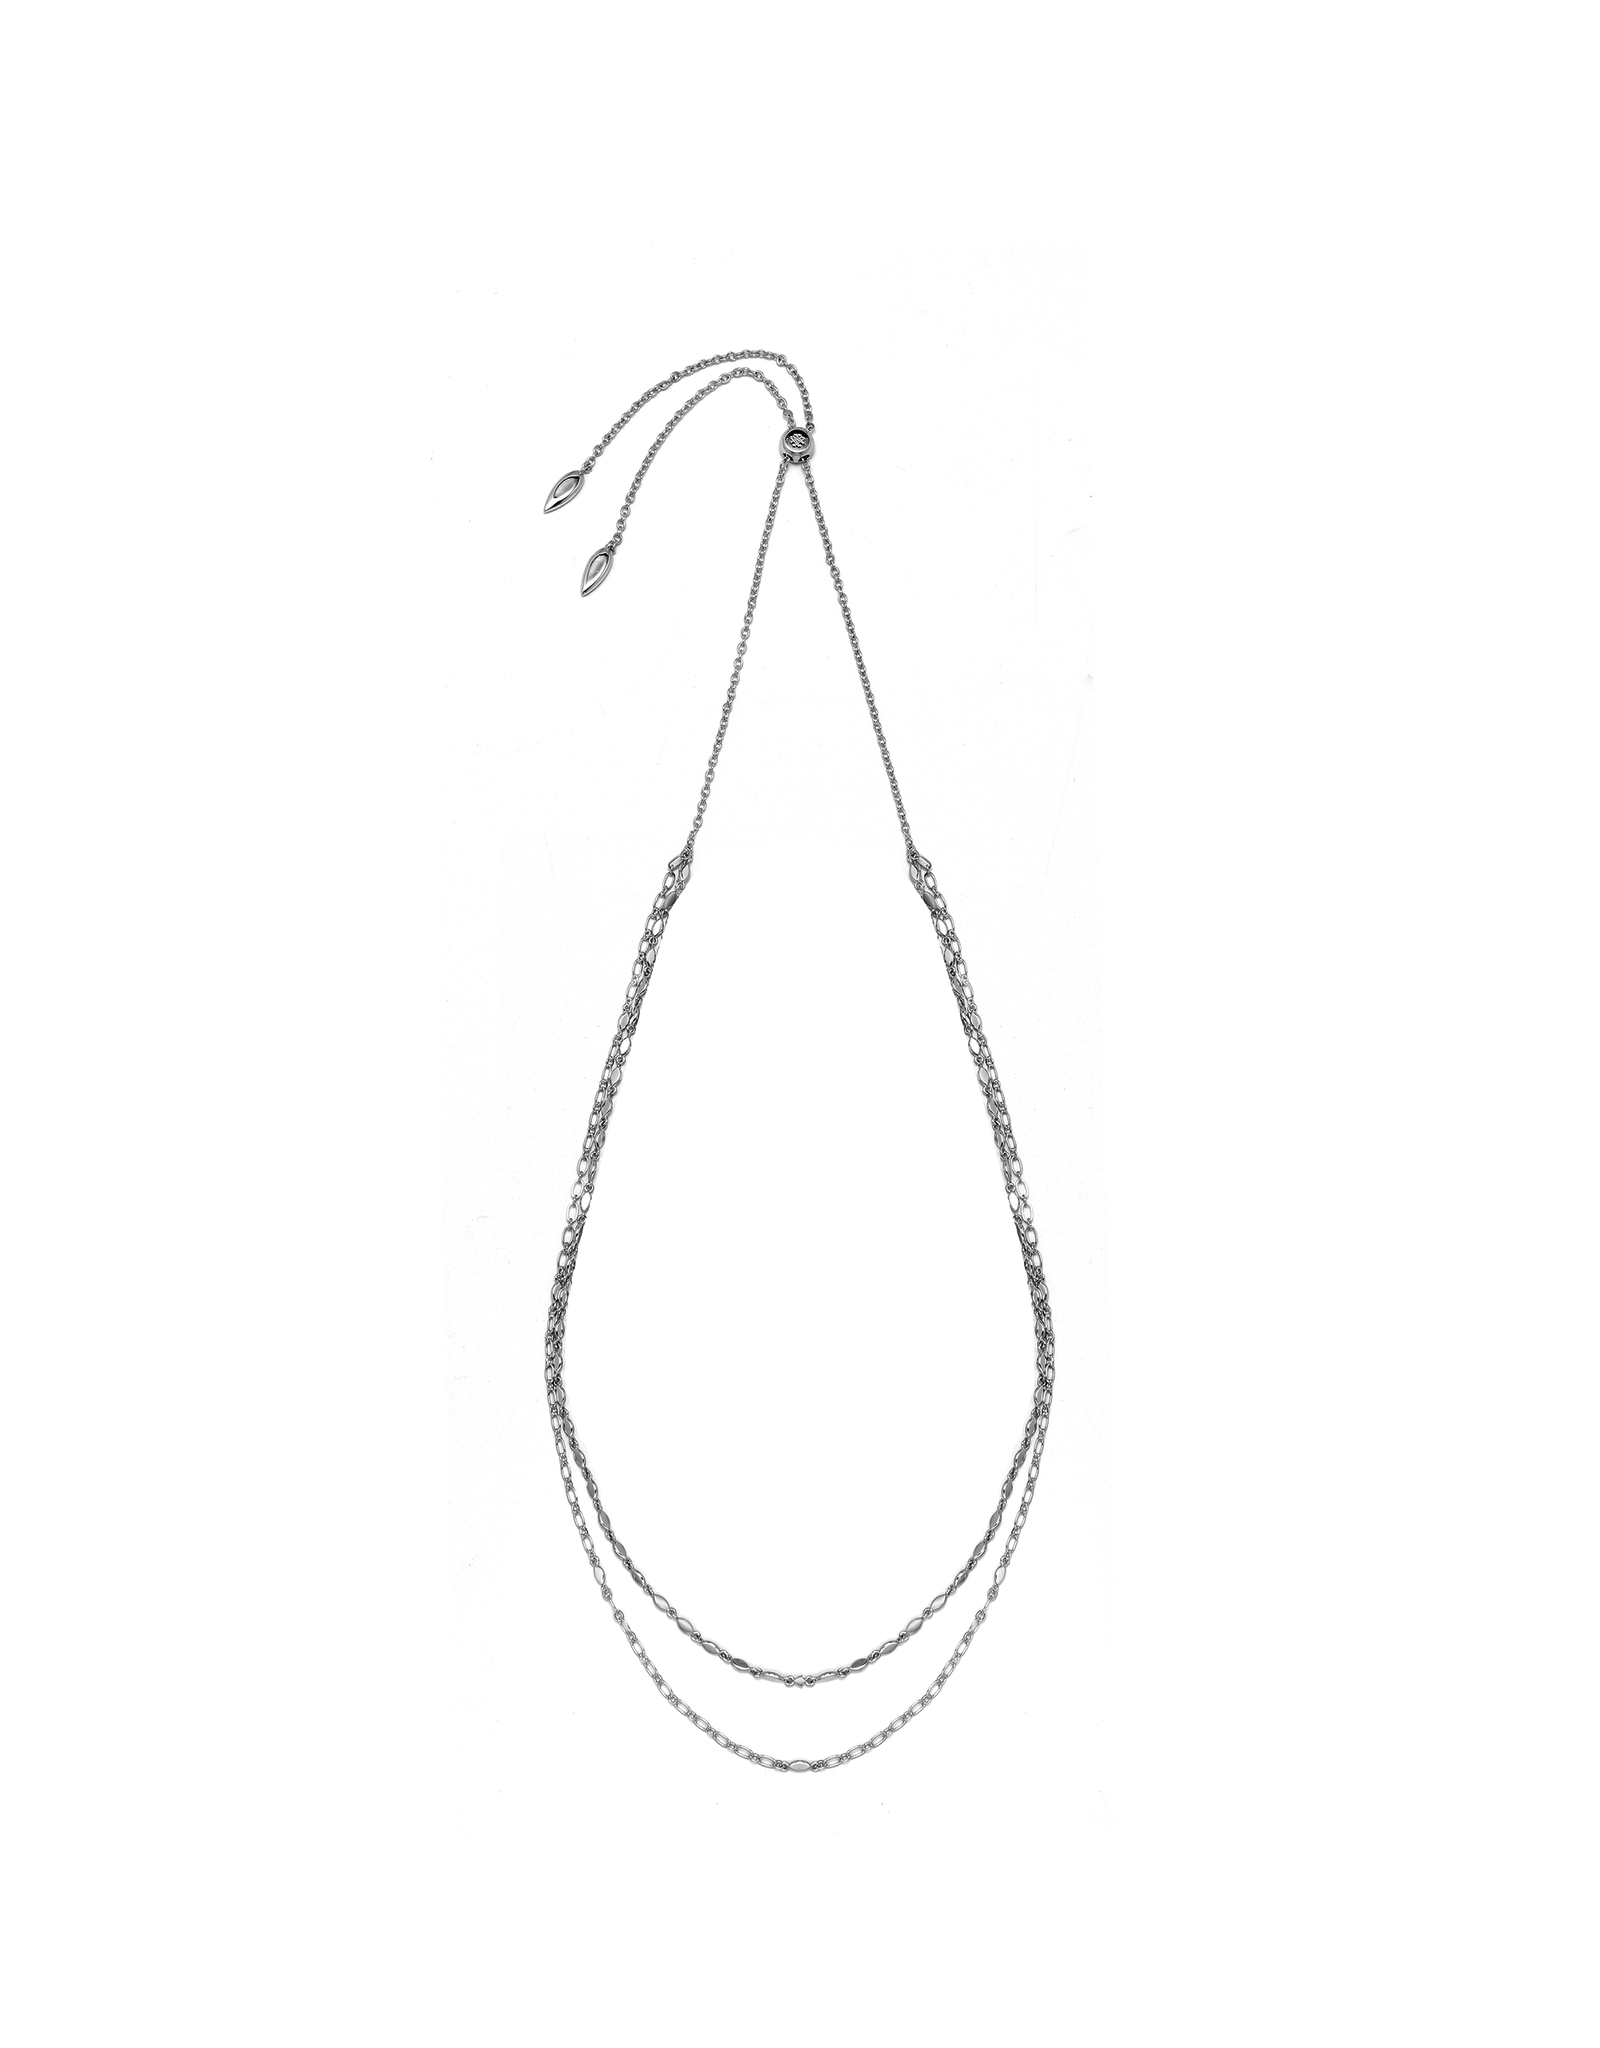 Natalie Wood Designs Blossom Adjustable Necklace - Silver